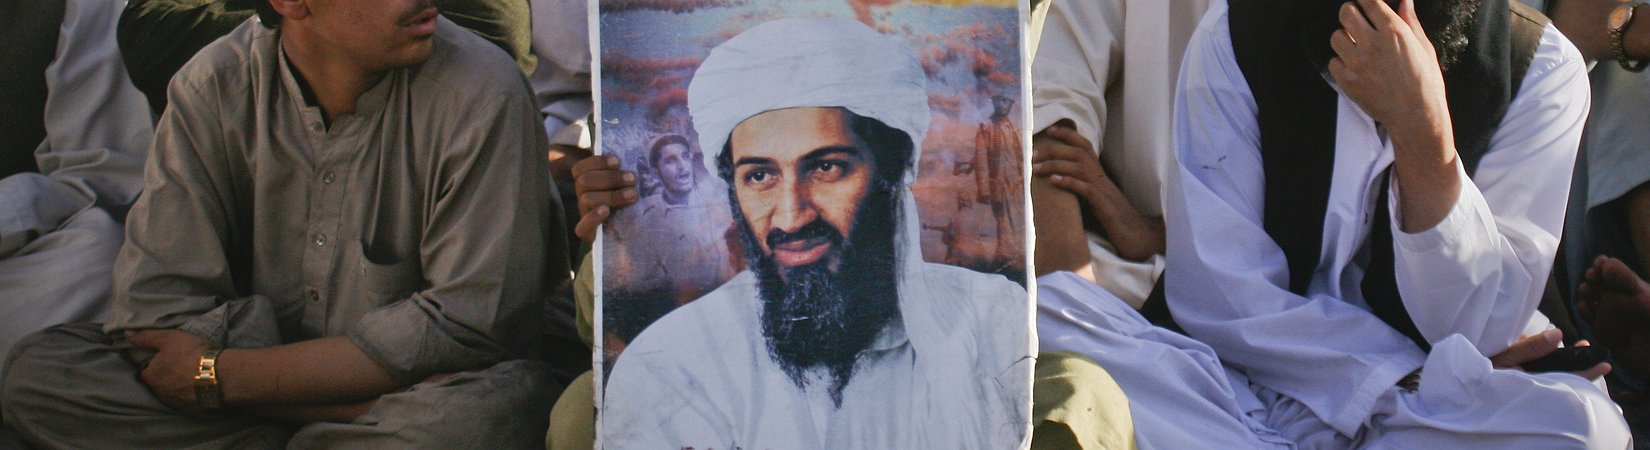 Wovor warnte Osama bin Laden